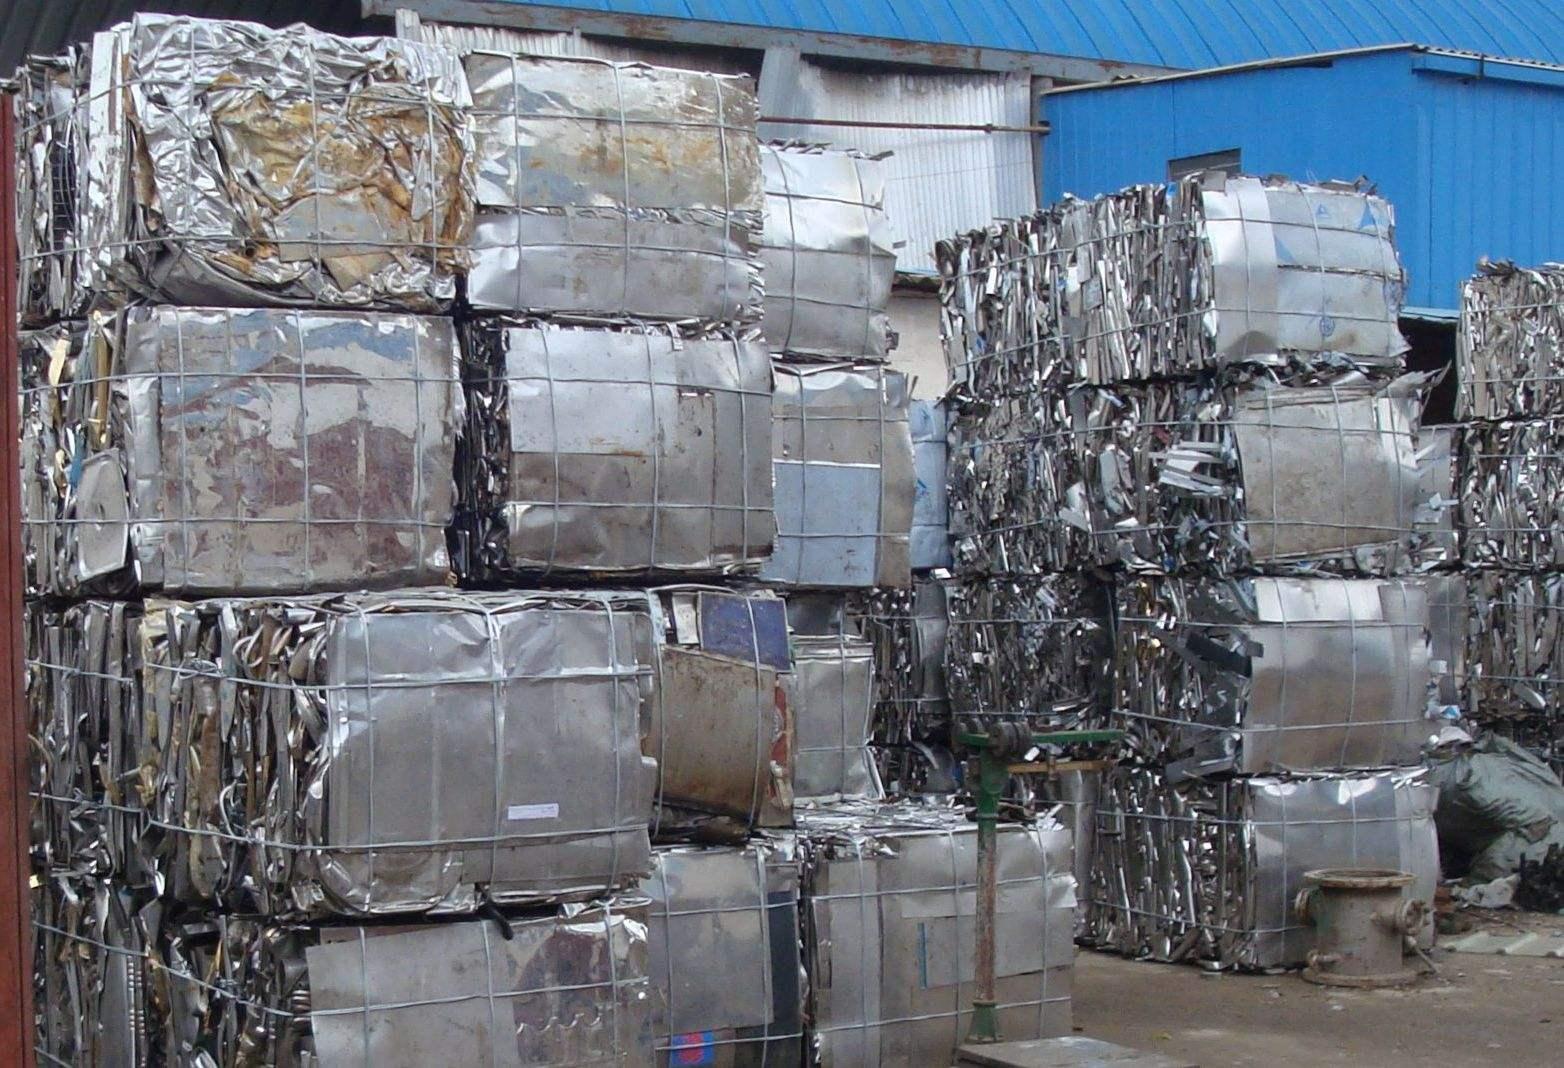 广州白云区废锡回收公司 白云区废金属回收价格 白云区废铁回收公司 白云区废铝上门回收